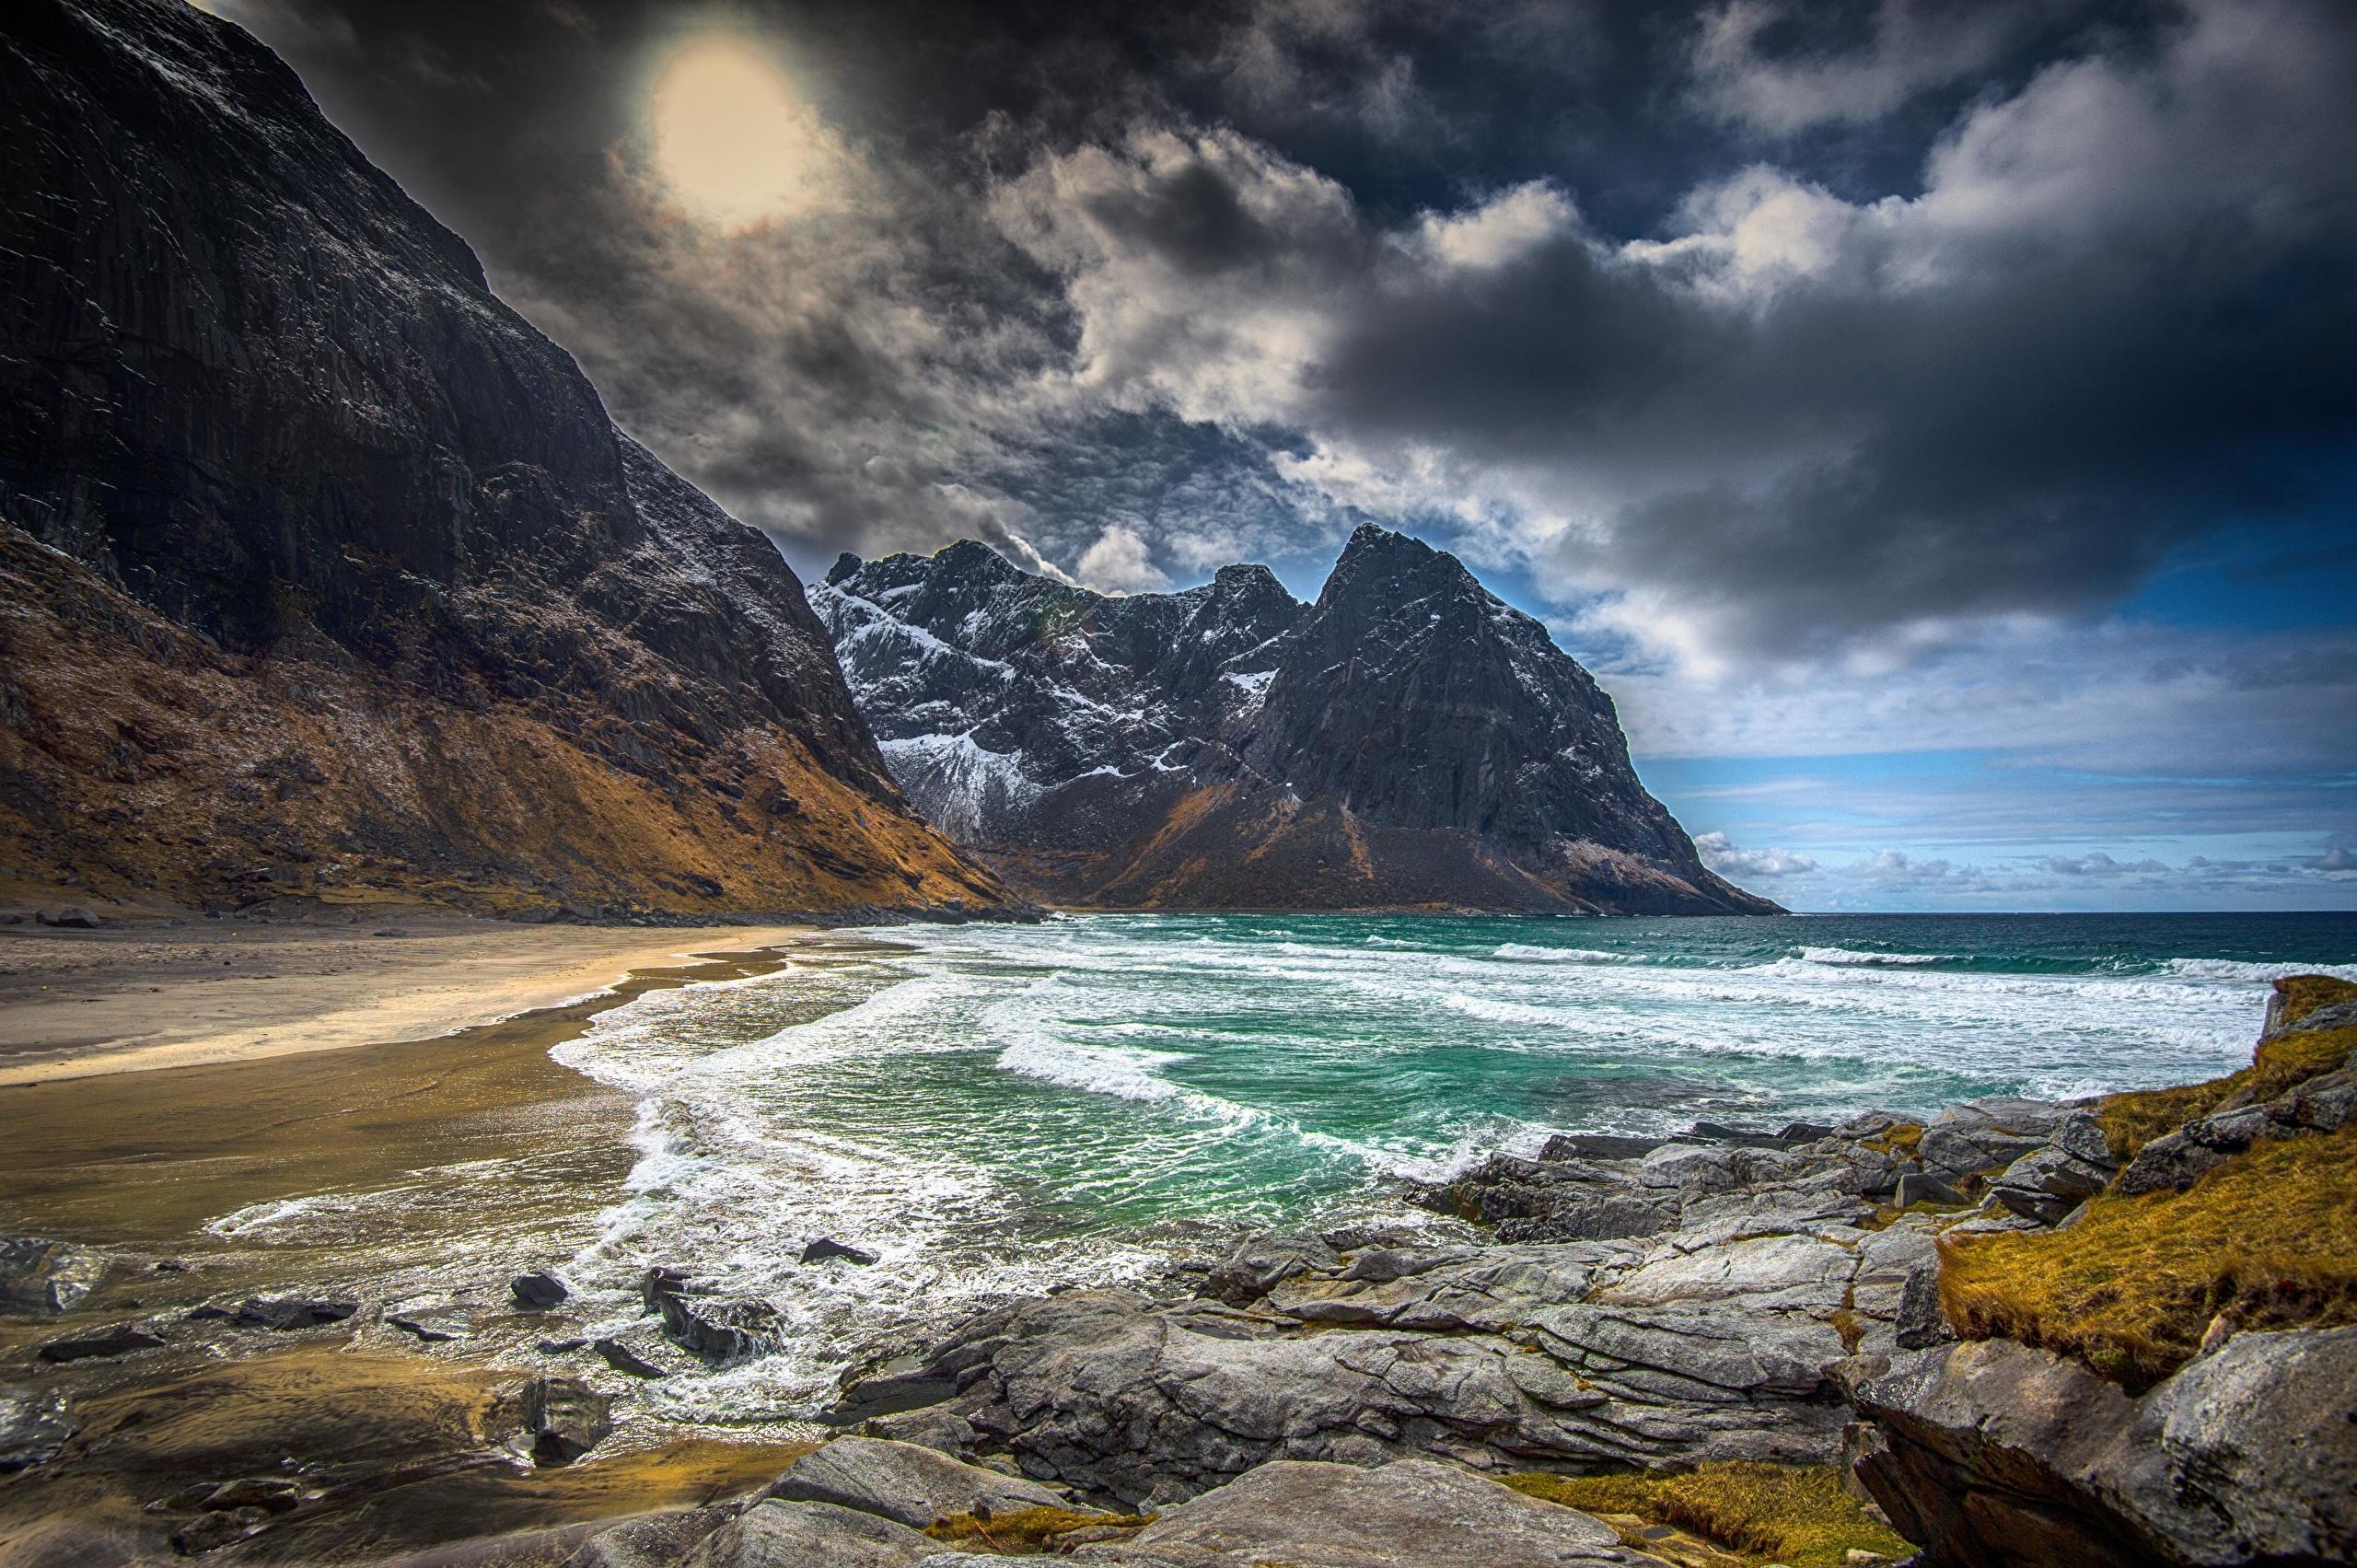 Горы у океана  № 1670823 бесплатно